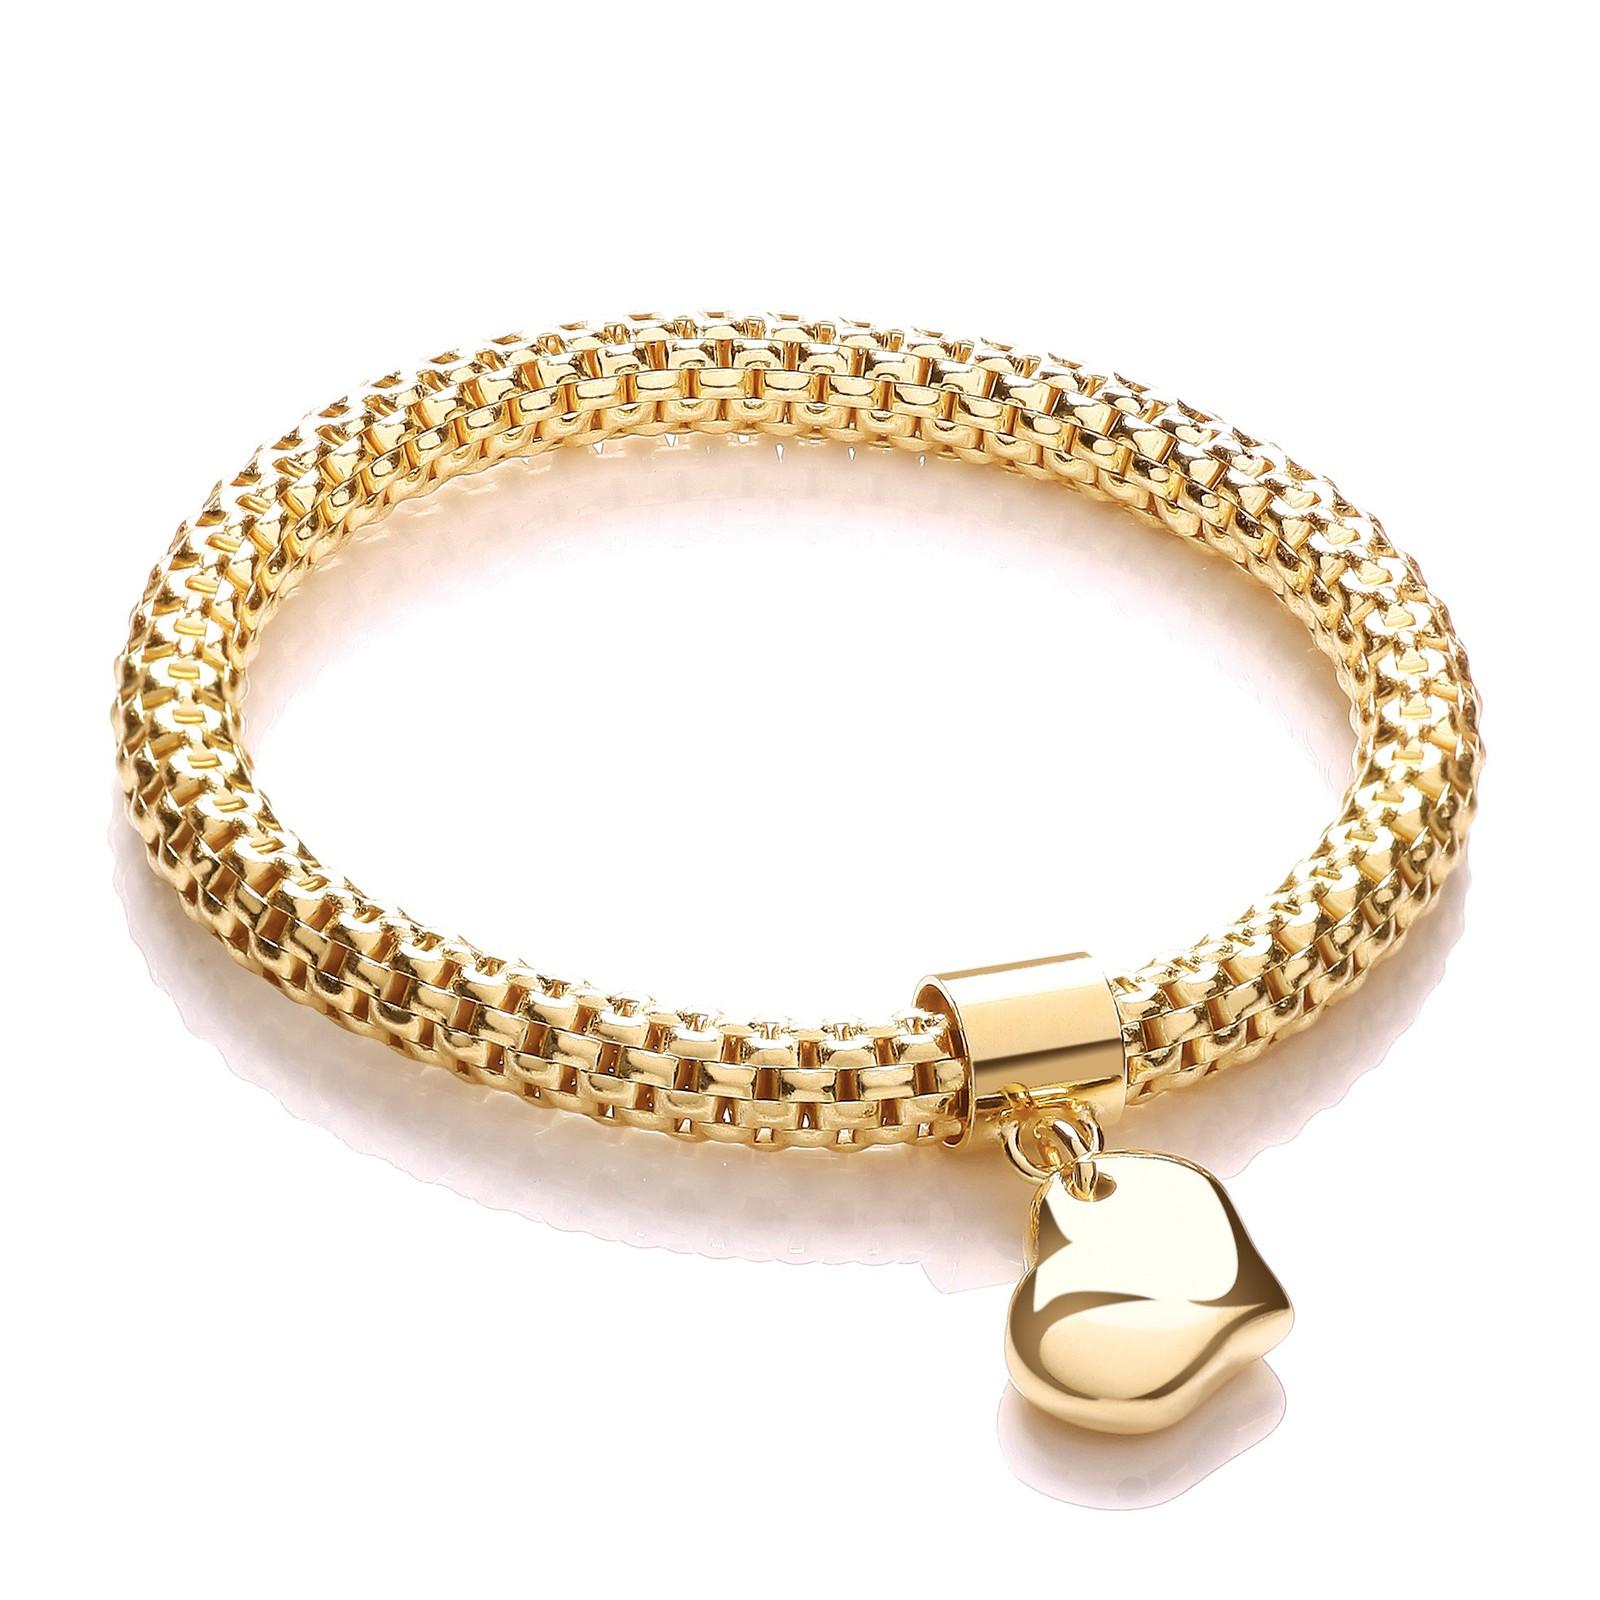 Yellow Mesh with Heart Pendant - Fancy Bracelet